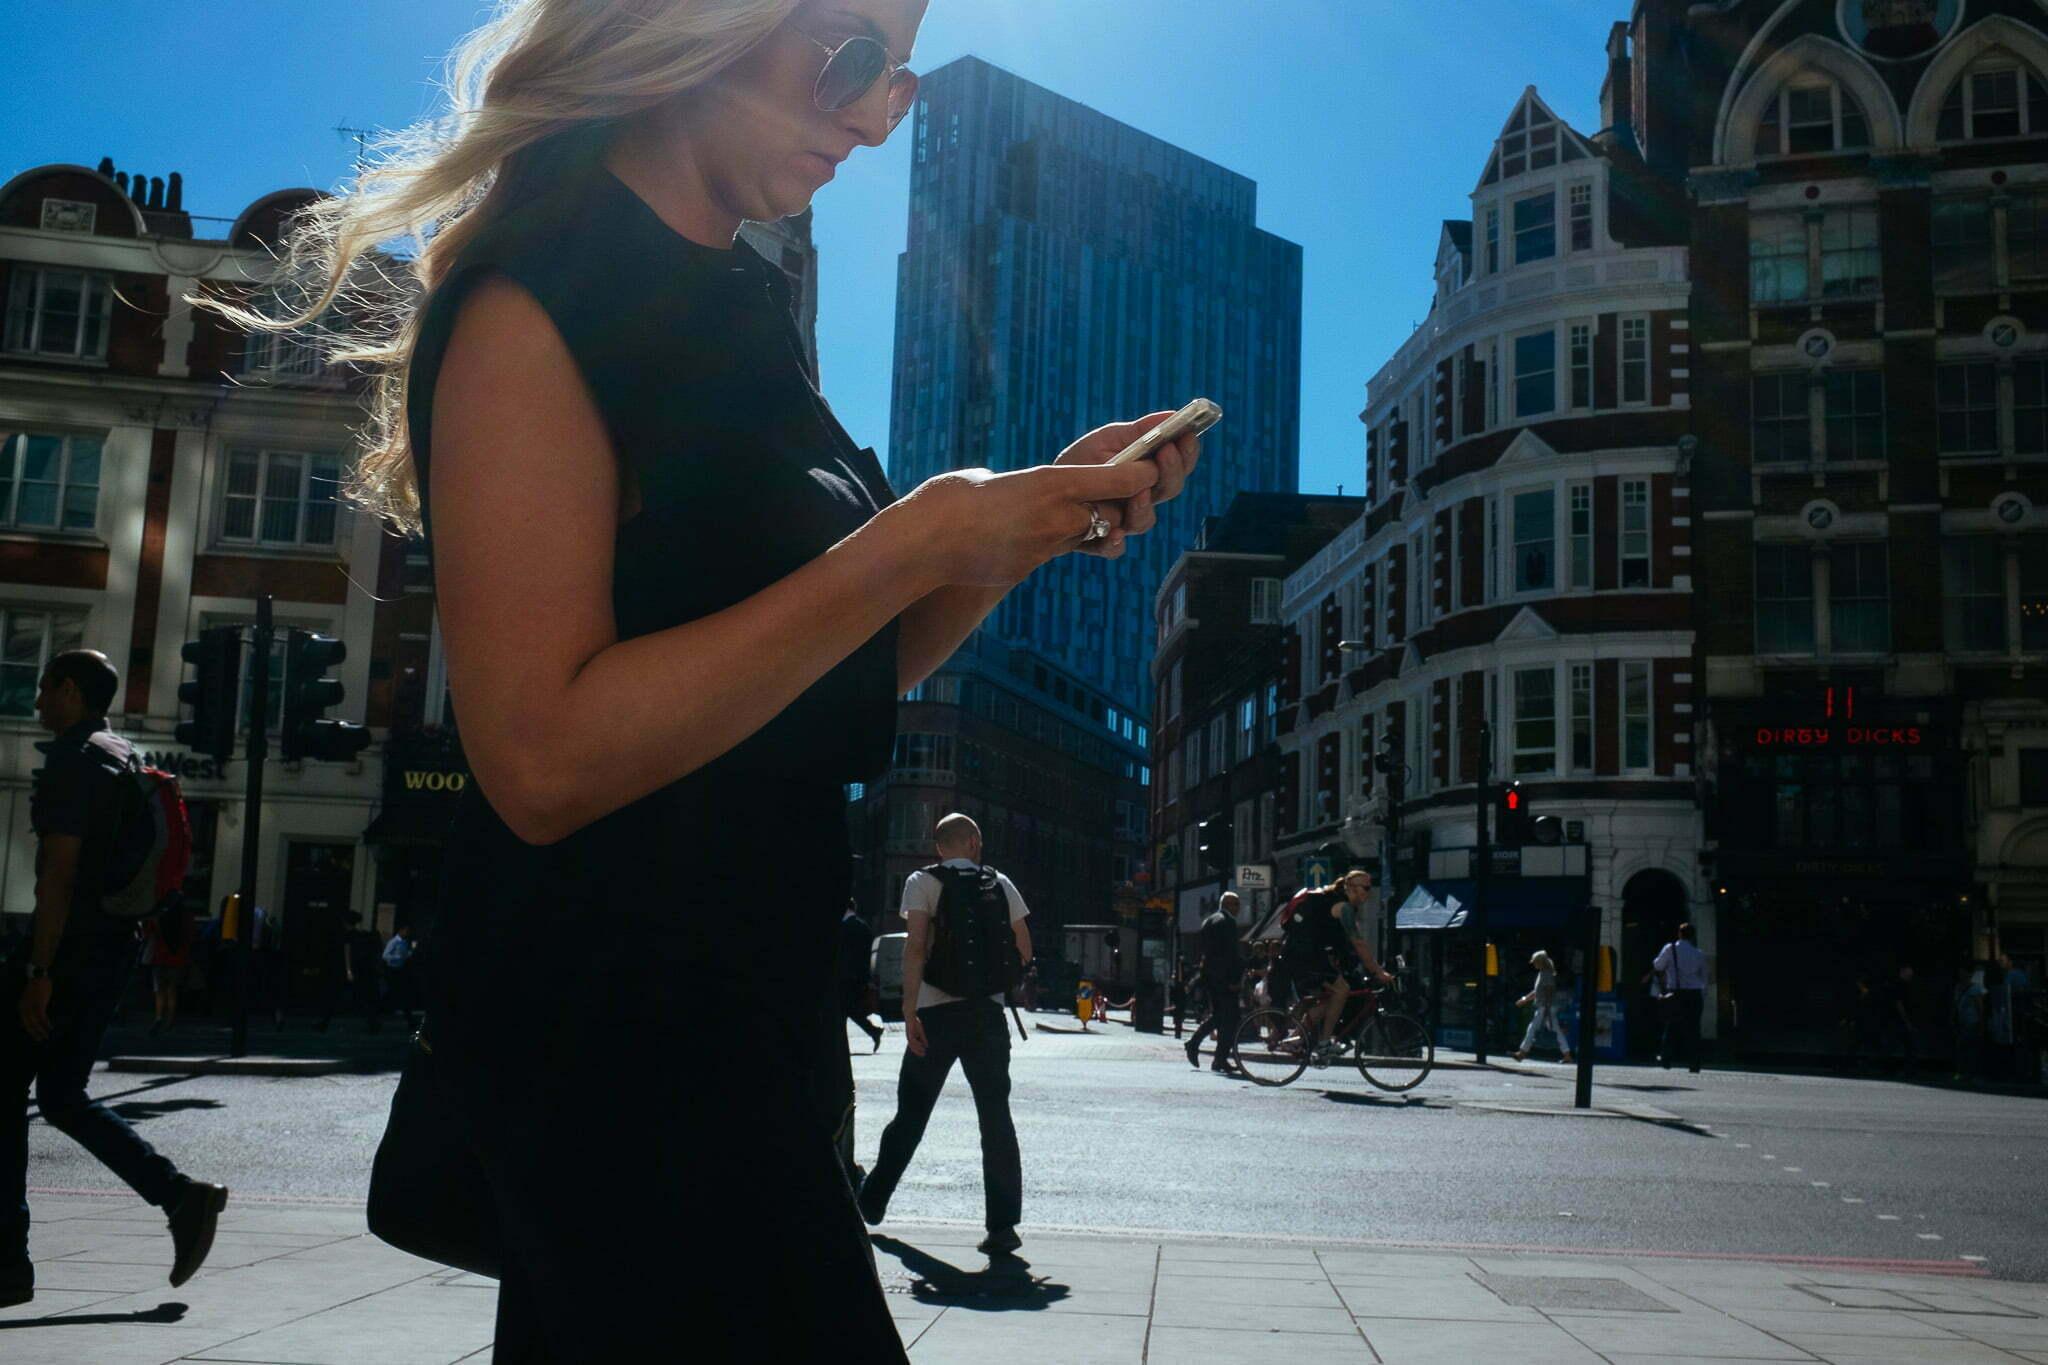 london-street-6792